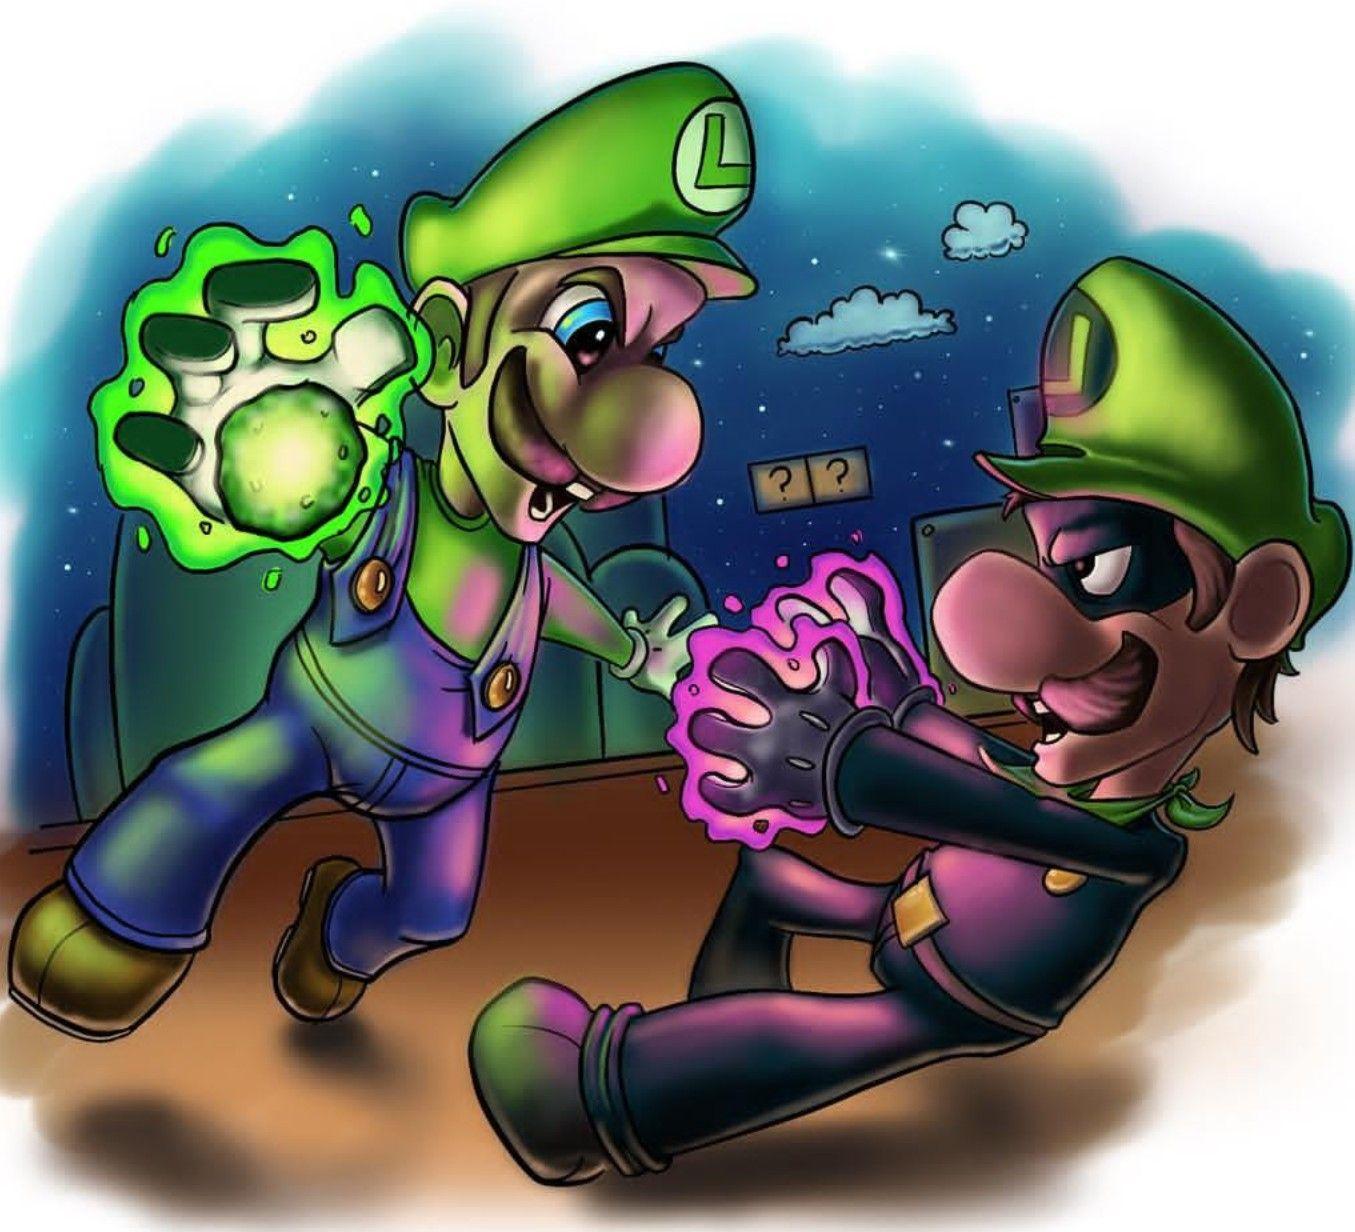 Luigi Evil Vs Good Super Mario World Mario Fan Art Luigi Mario